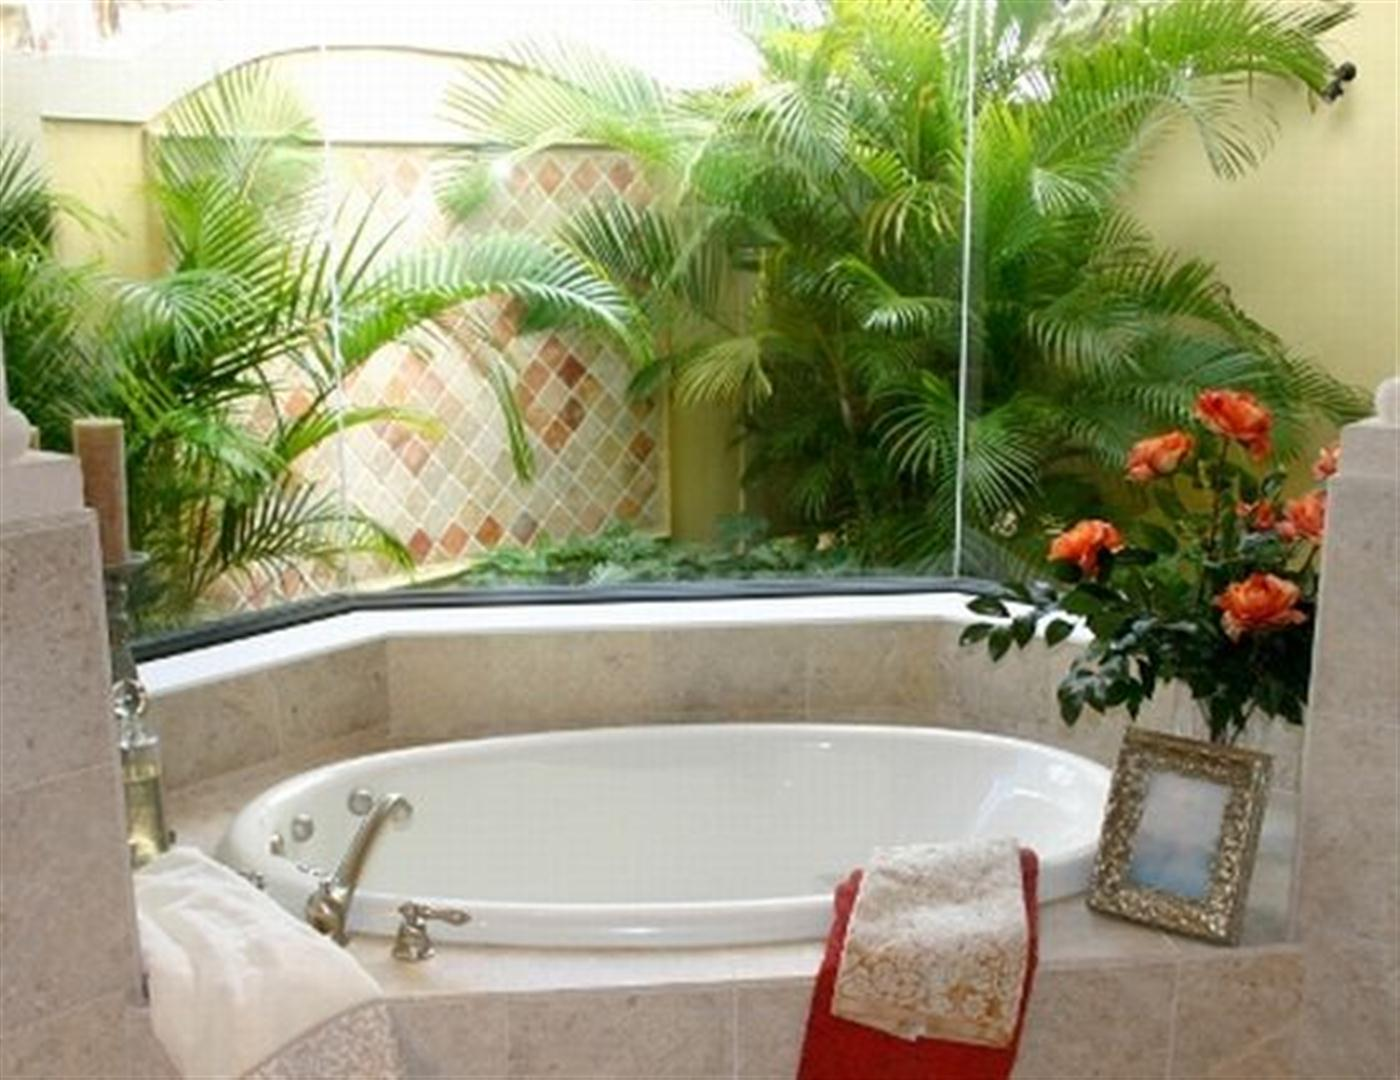 Decora o e projetos decora o de banheiros com plantas for Casas decoradas con plantas naturales